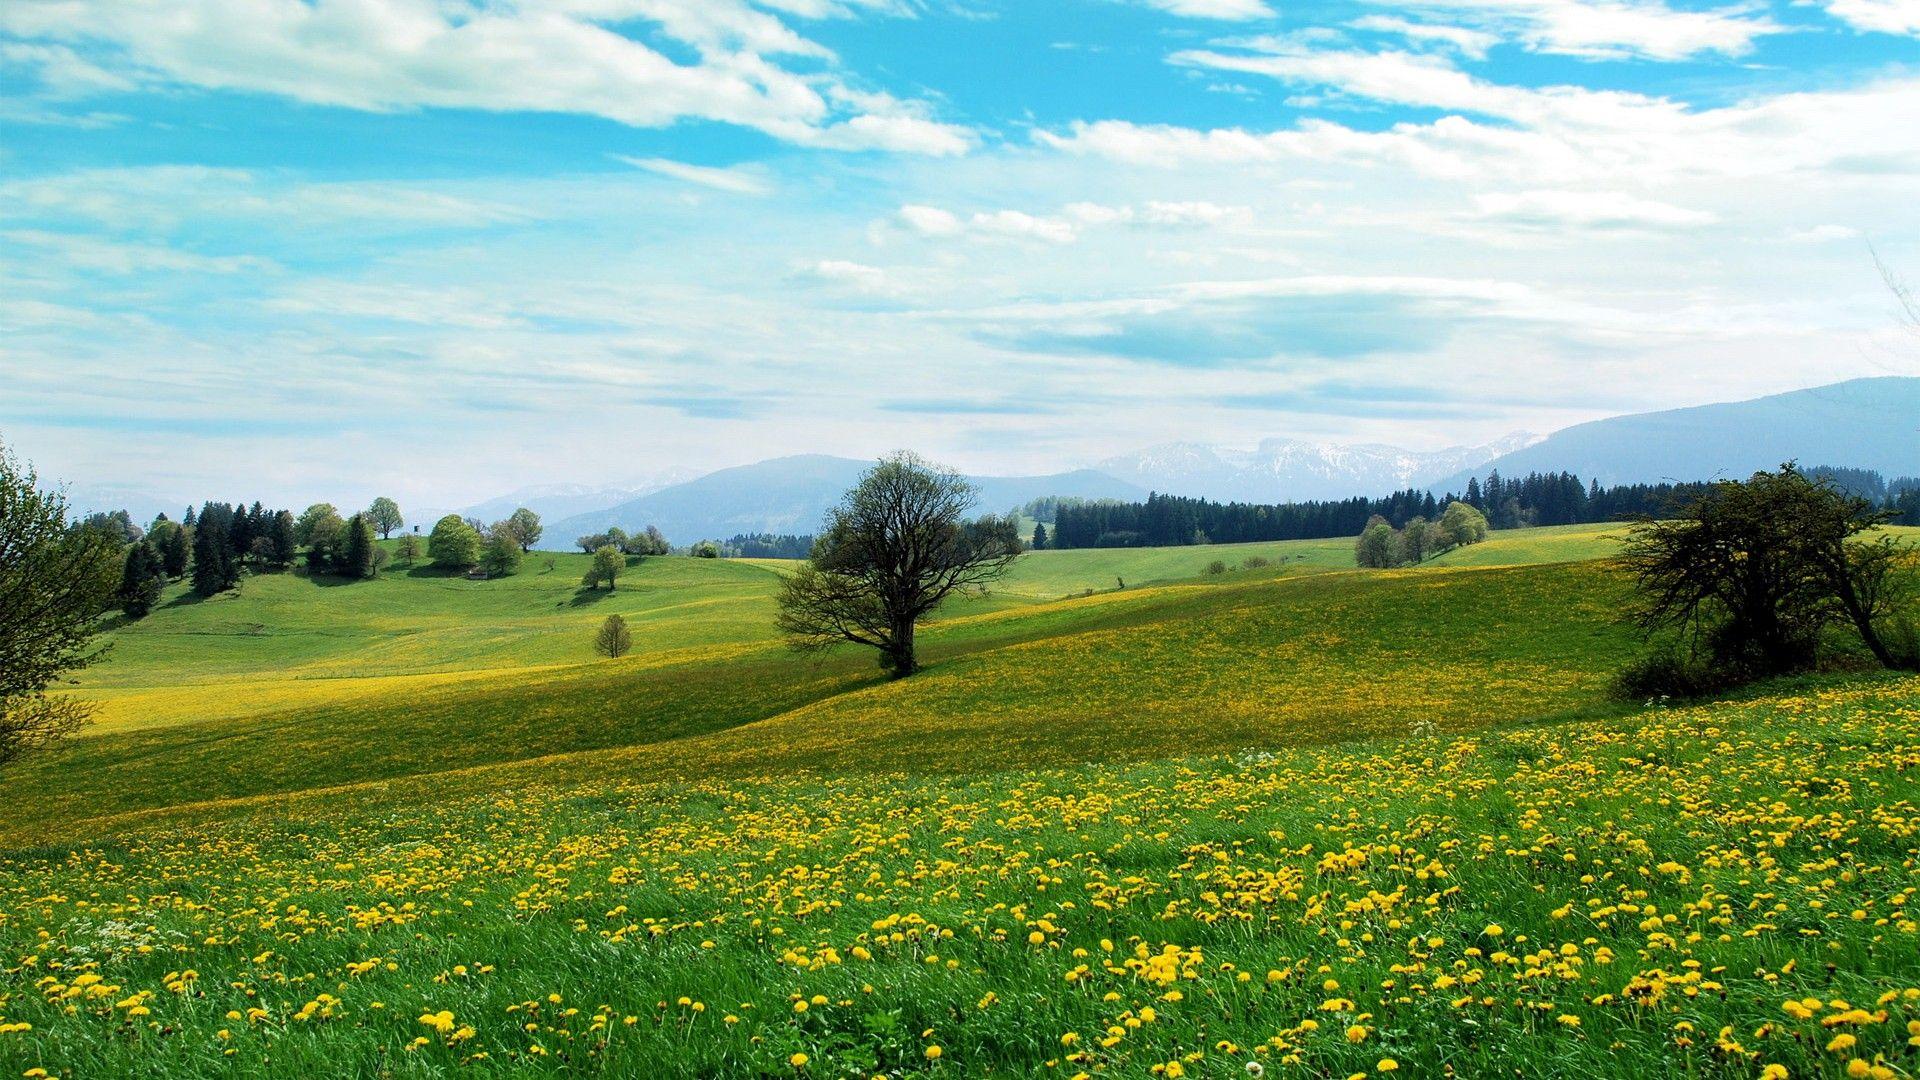 Meadow a wallpaper